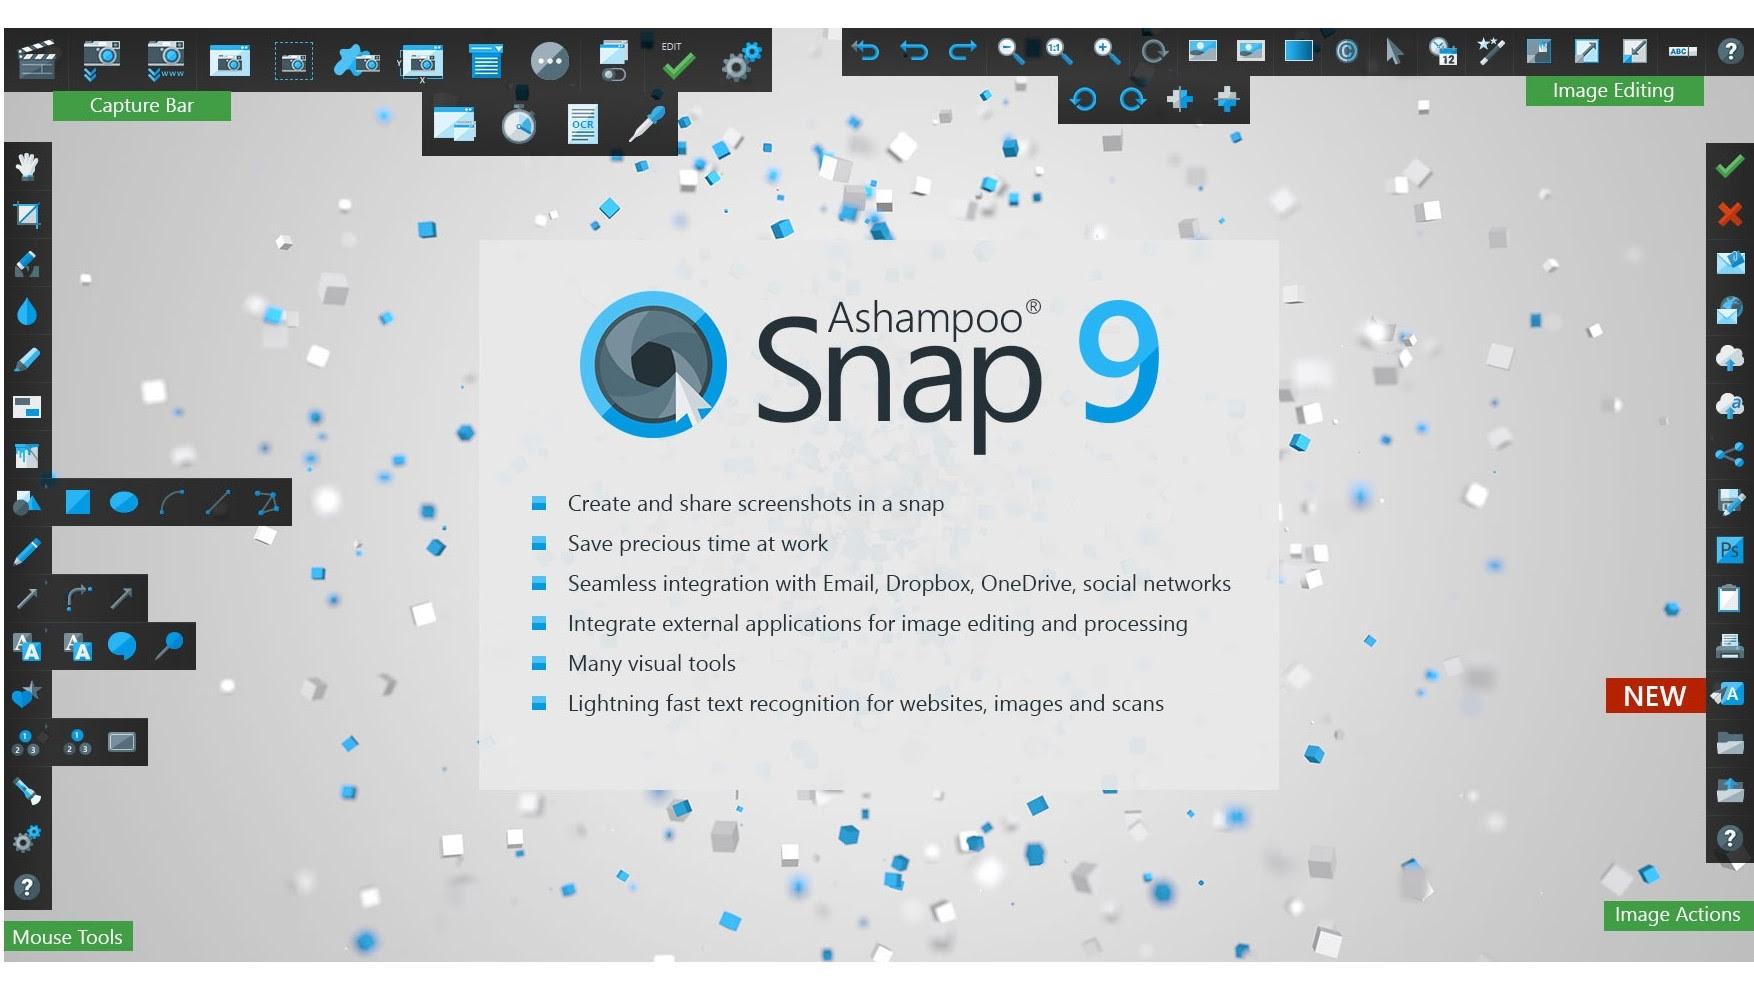 TechRadar's downloads advent calendar: get Ashampoo Snap 9 free